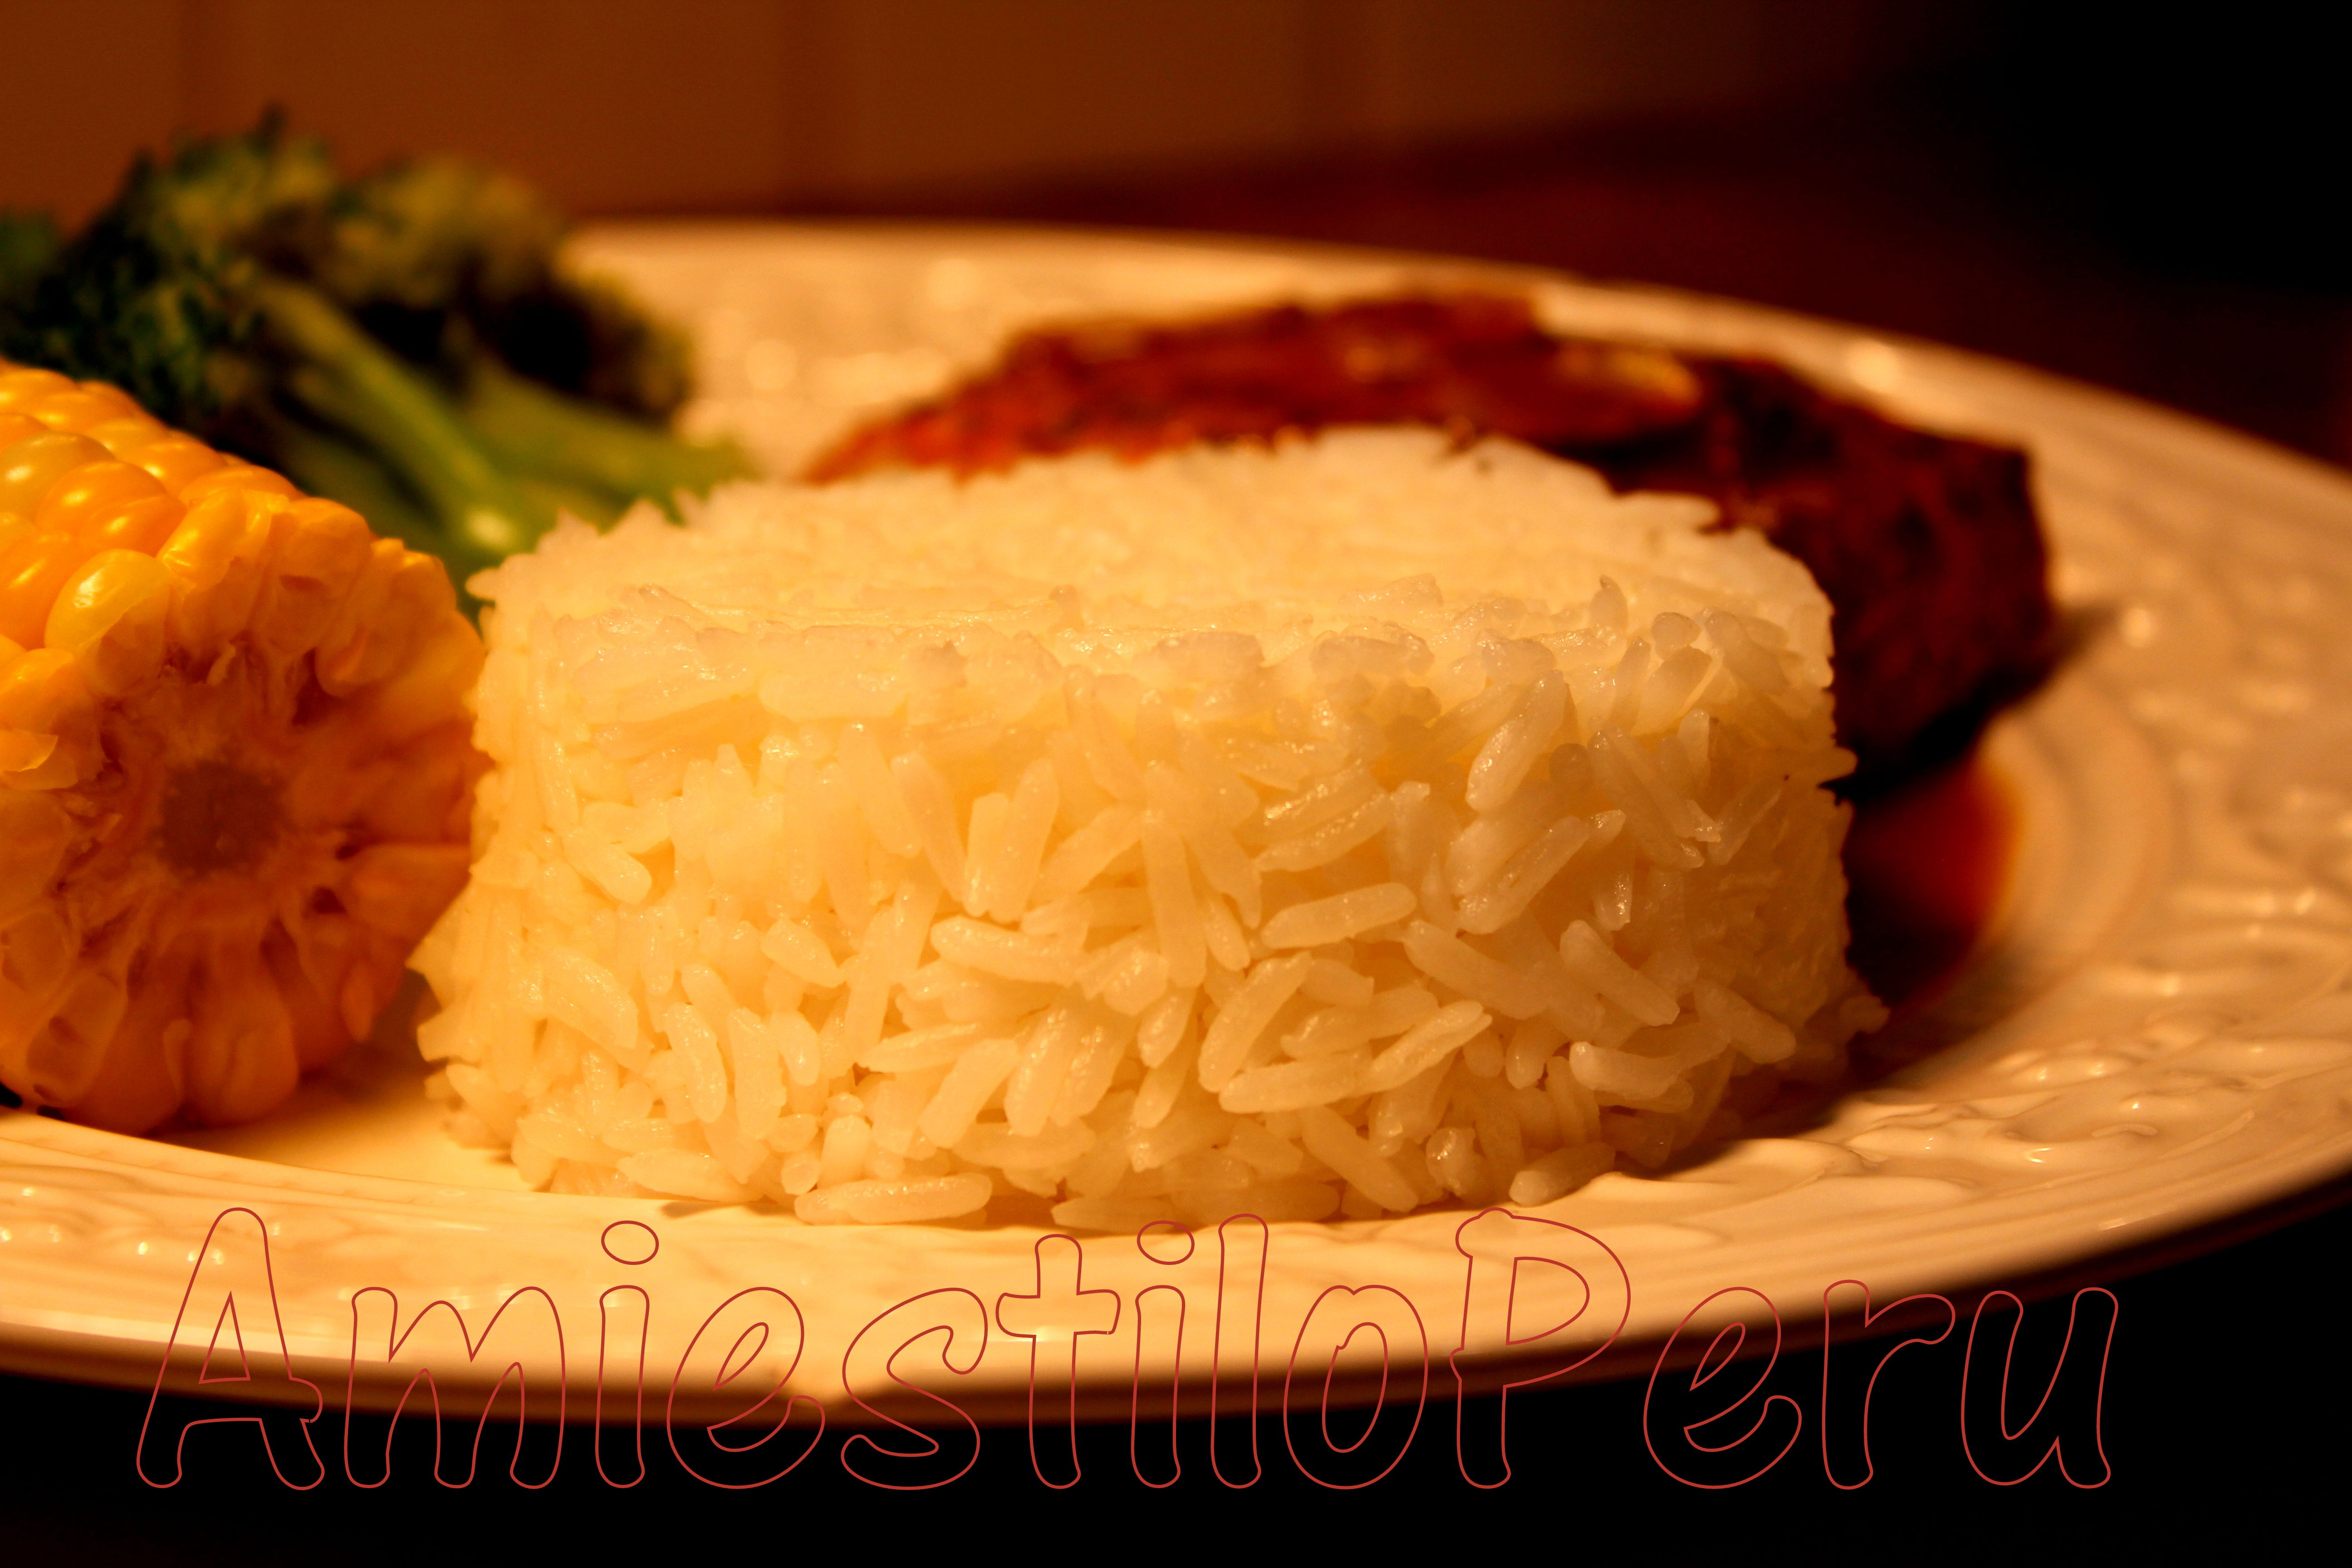 NOSOTROS TODOS LOS PERUANOS, casi todos lo acompanamos con el delicioso Arroz blanco graneado !!!